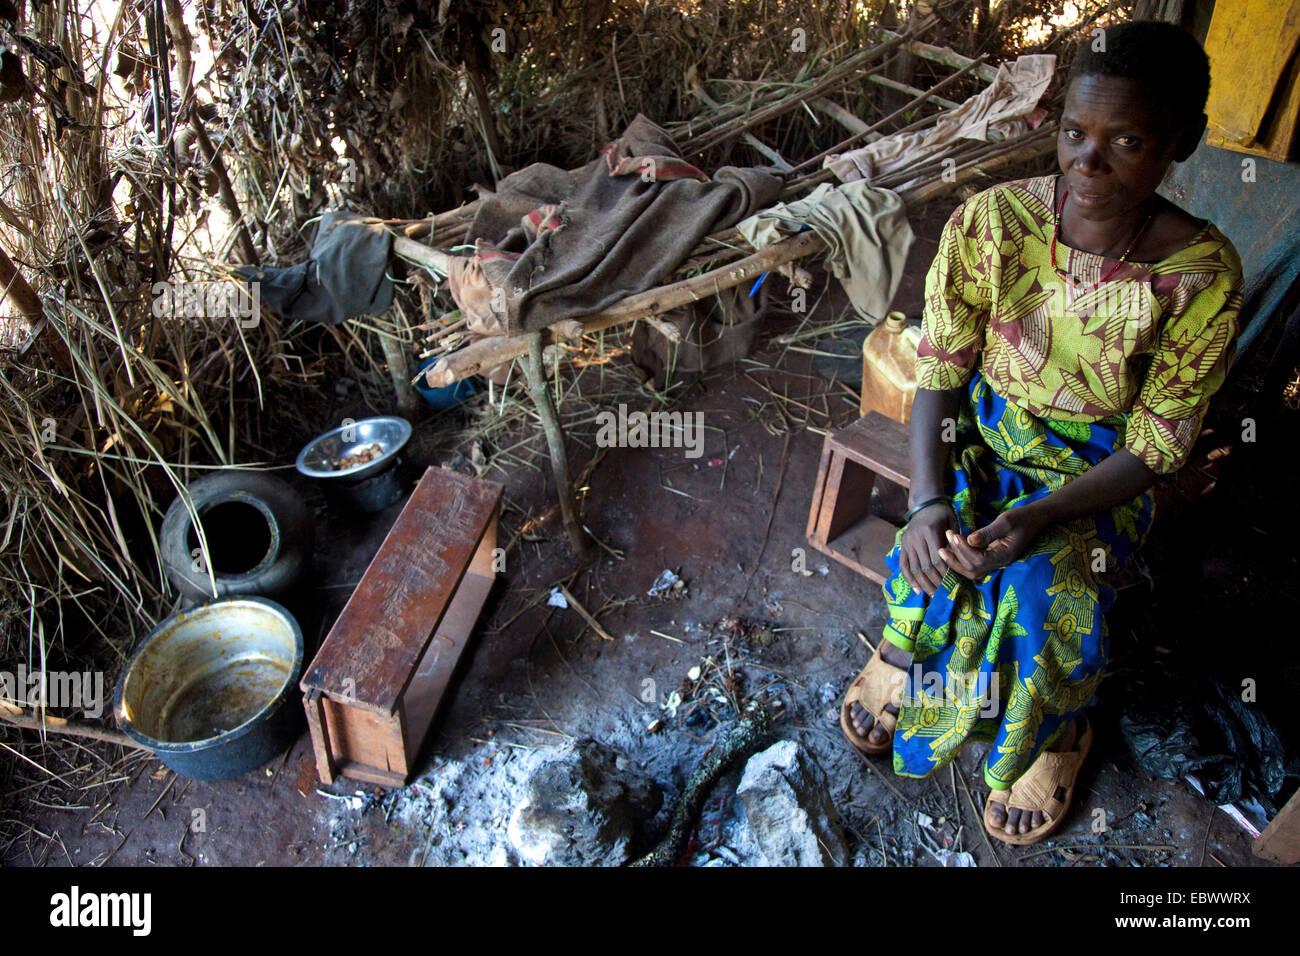 Viuda y madre de dos hijos, miembro de la minoría Batwa (pigmeos), sentado en su cabaña muy primitivo, Burundi, Foto de stock